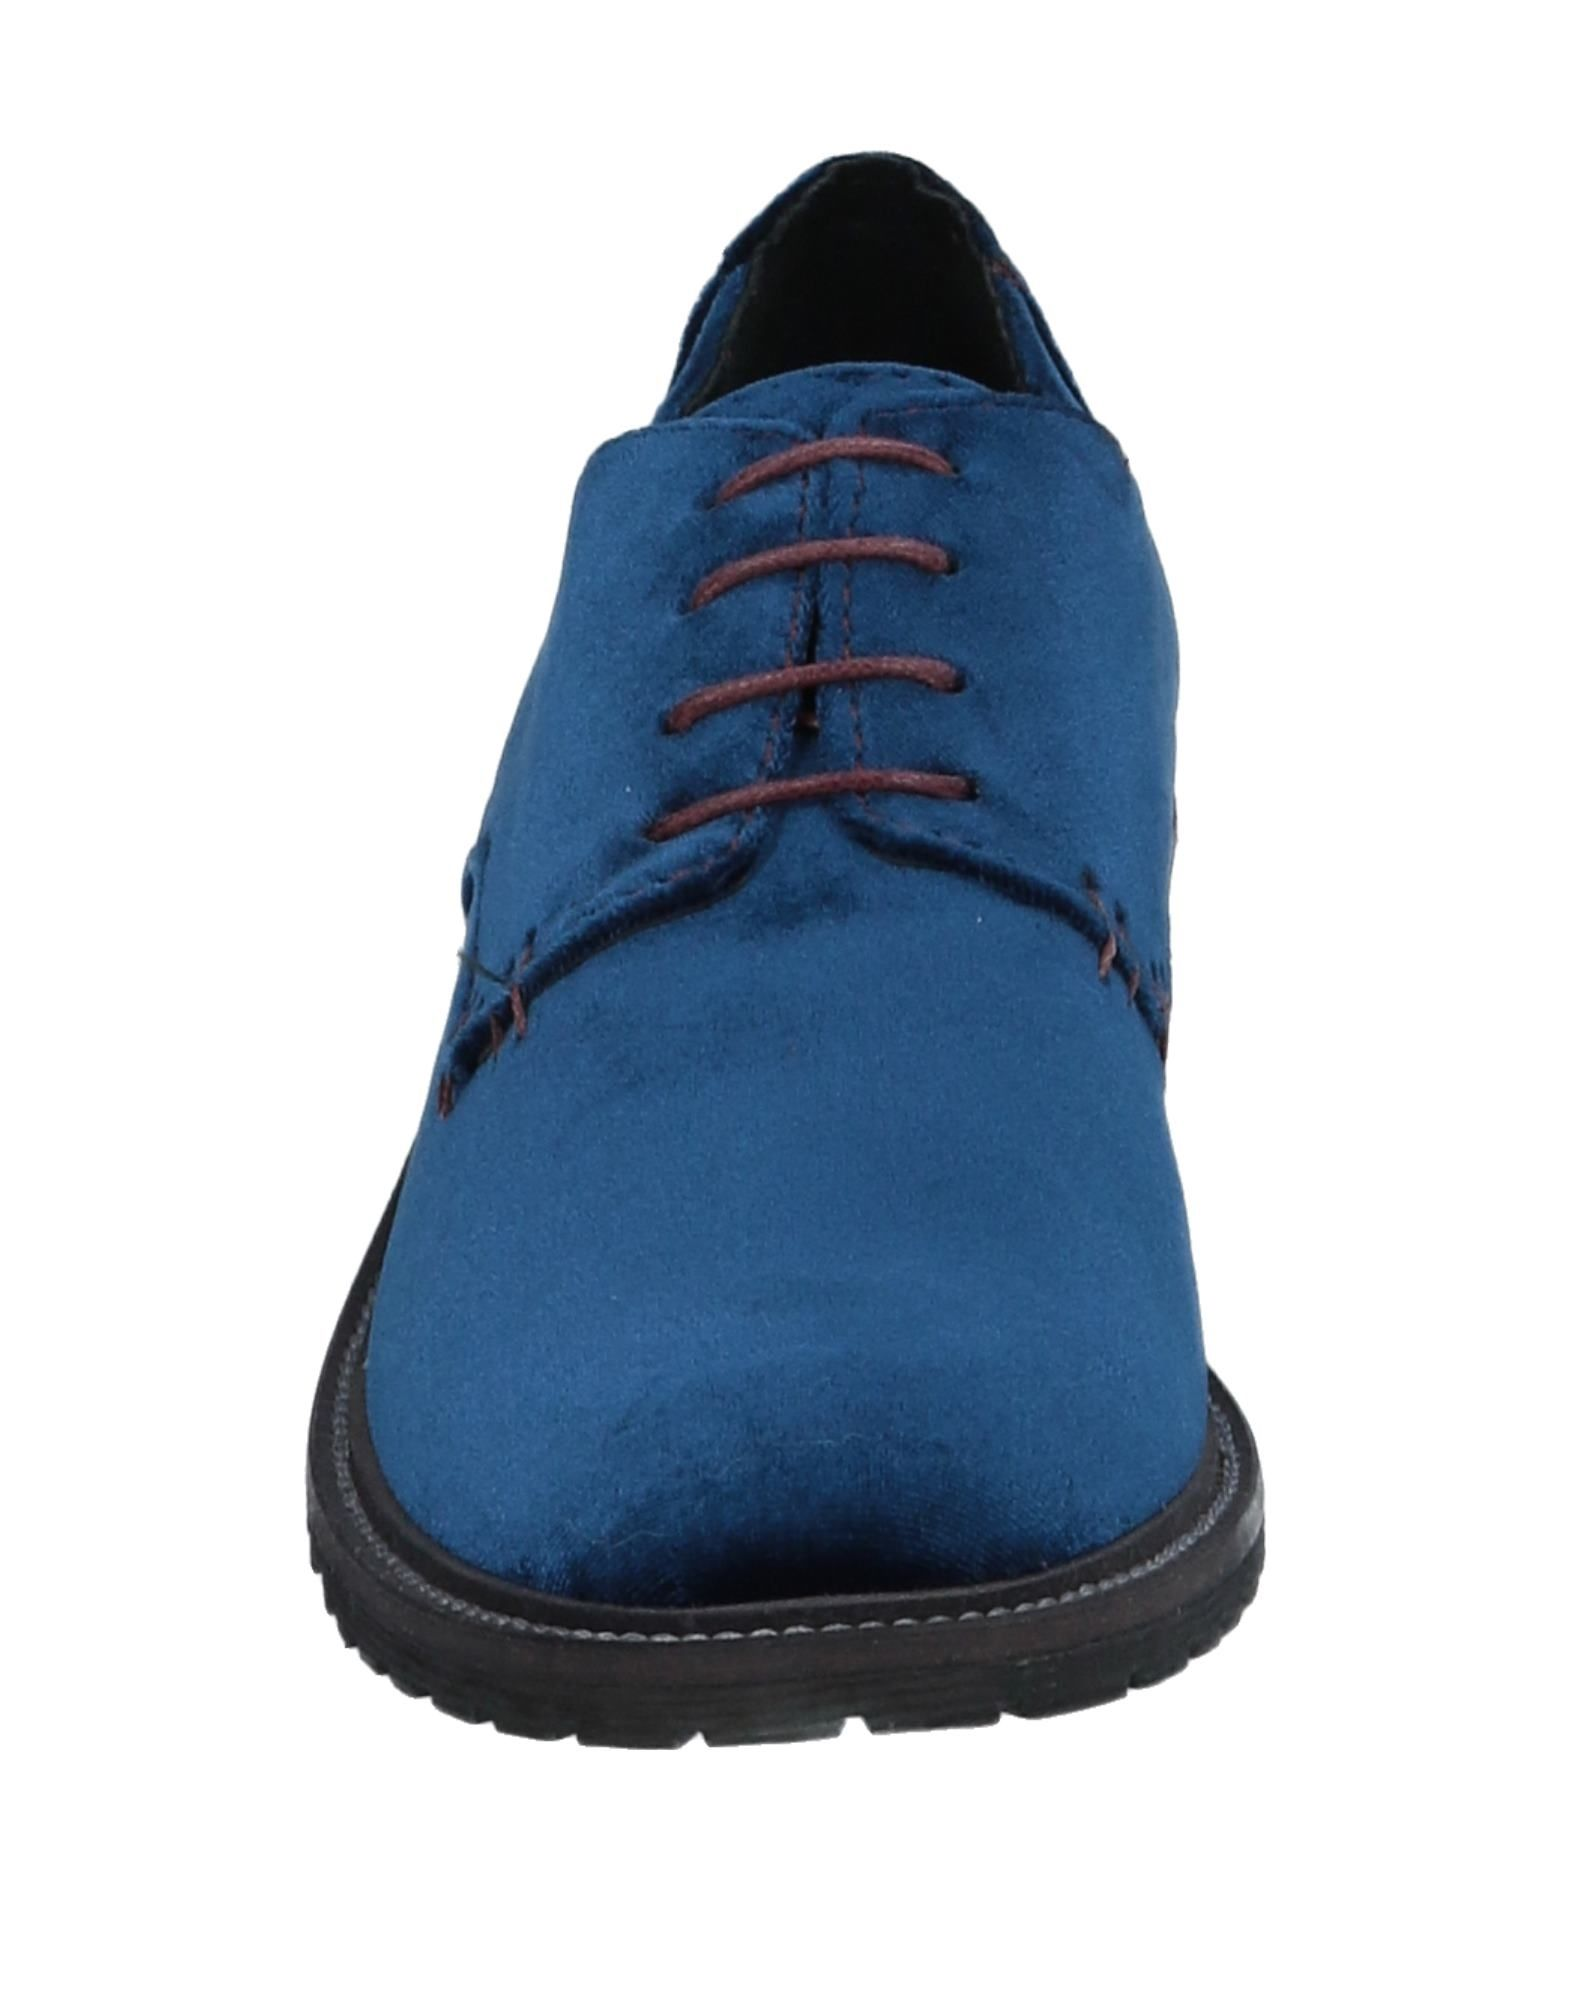 Tipe 11532944JB E Tacchi Schnürschuhe Damen 11532944JB Tipe Gute Qualität beliebte Schuhe 08995a